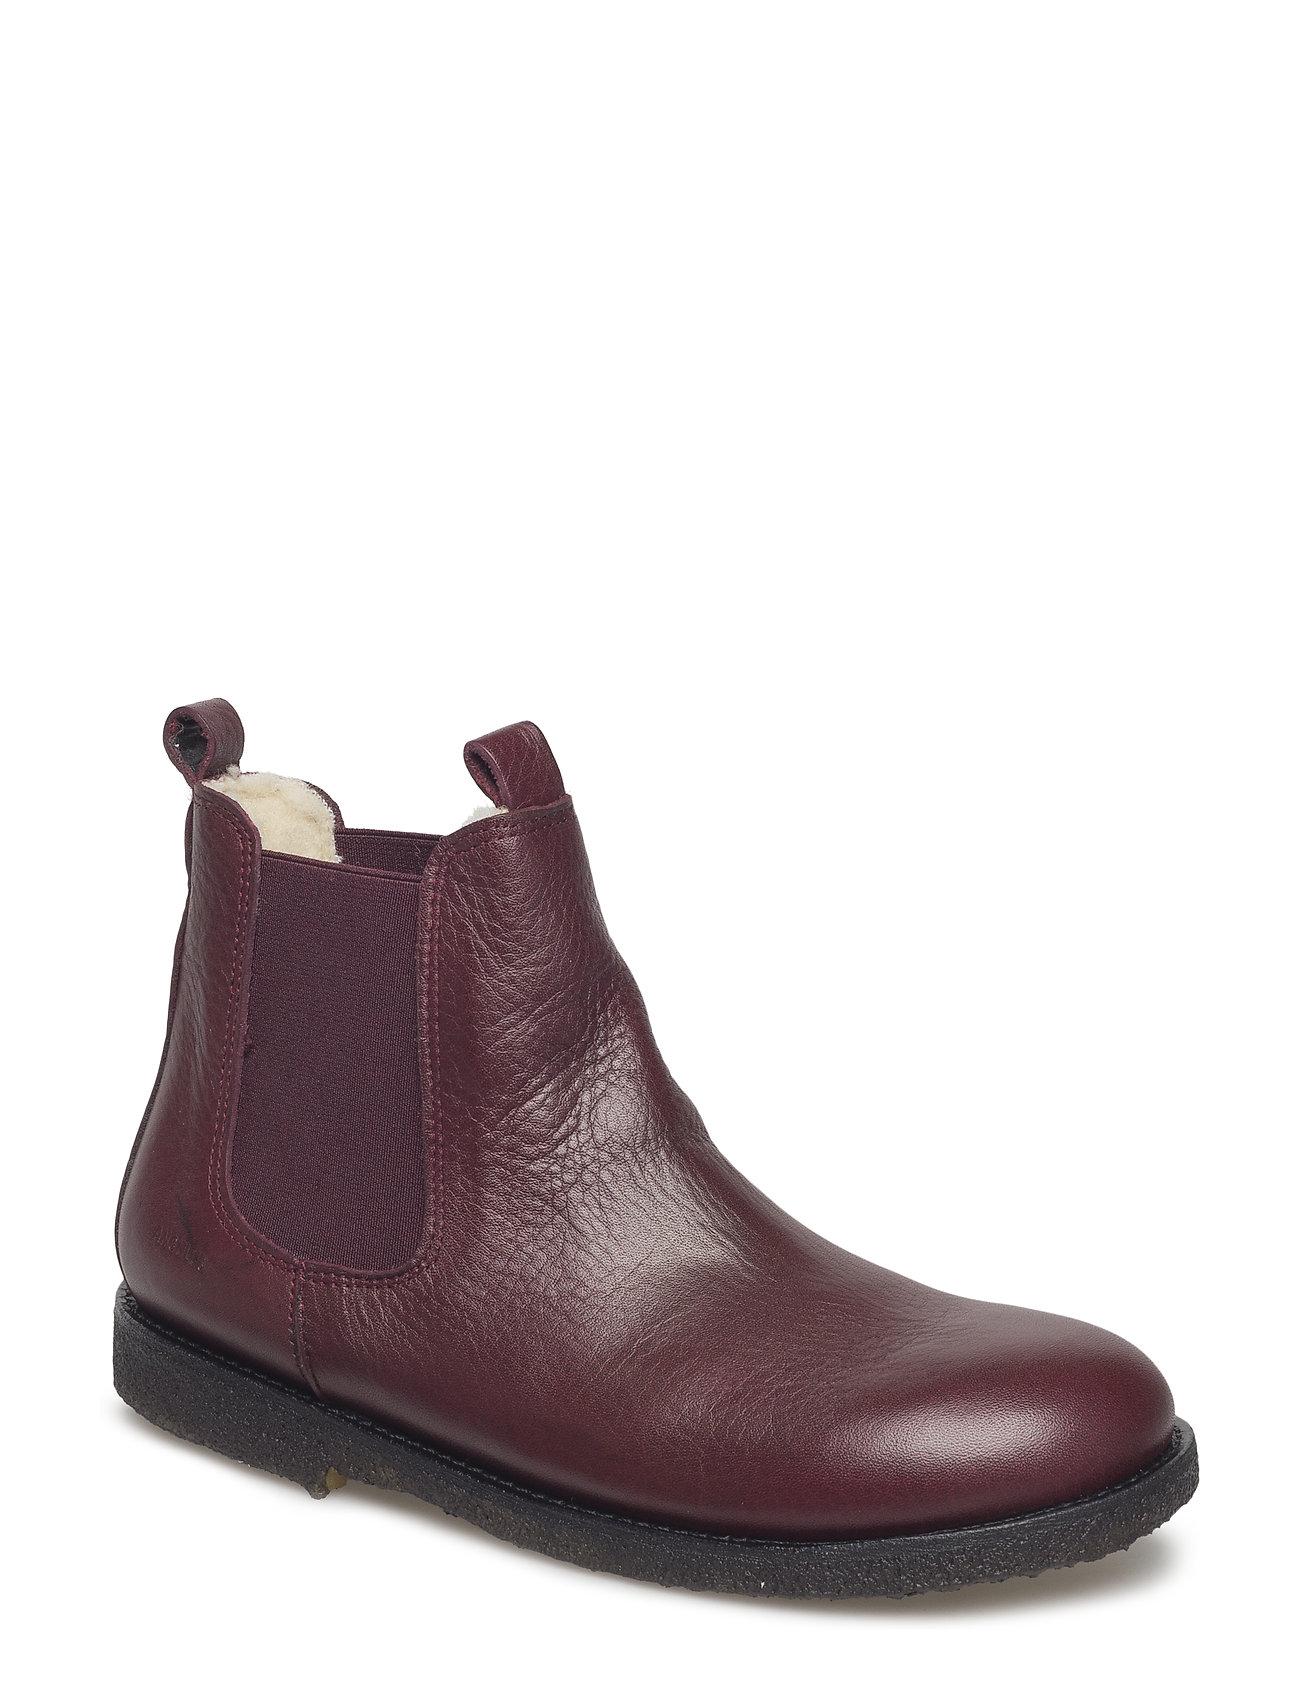 025504646fb ANGULUS støvler – Chelsea Boot til børn i 2544/031 BORDEAUX/BORDEAUX ...